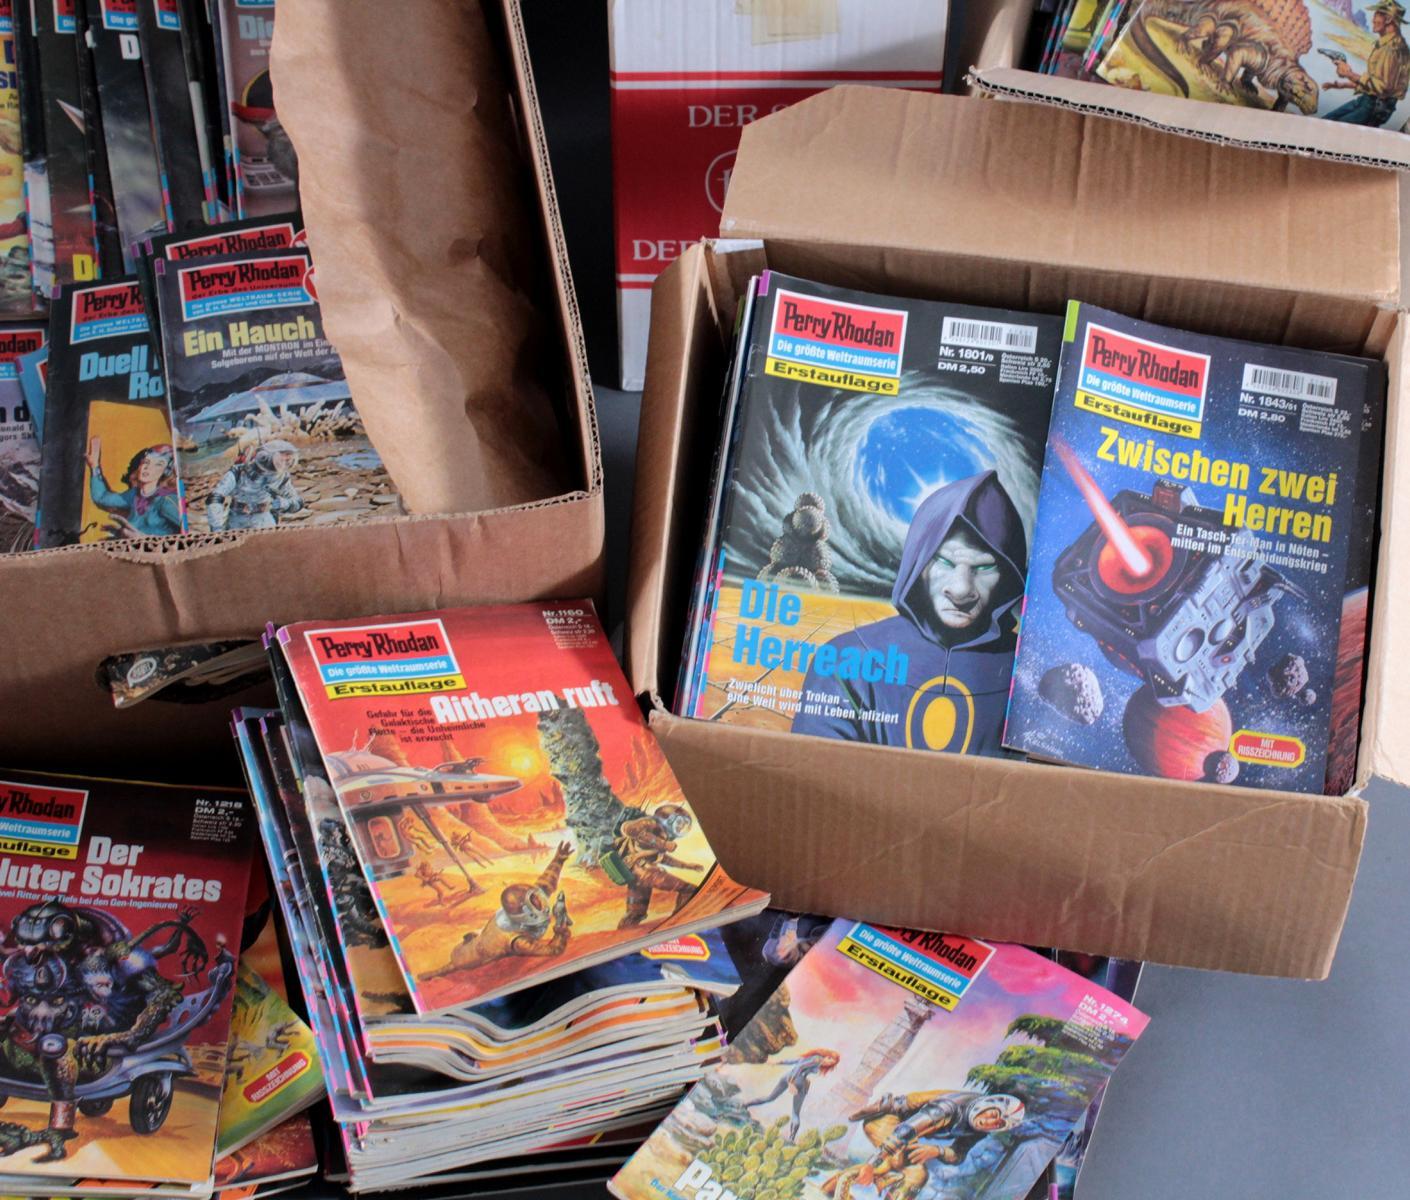 Sammlung Perry Rodan Hefte, dabei auch Erstauflage-3